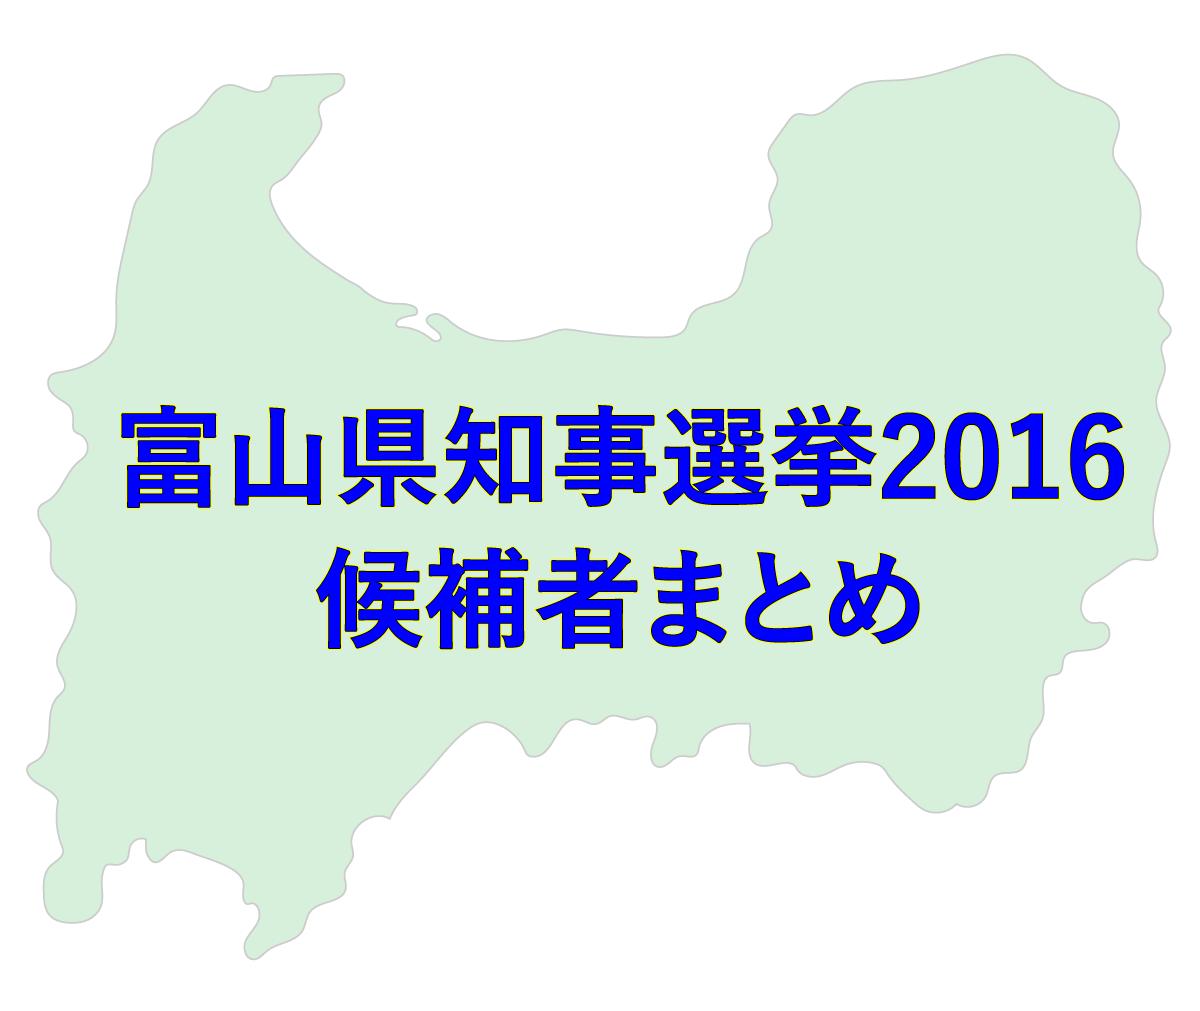 富山県知事選挙2016